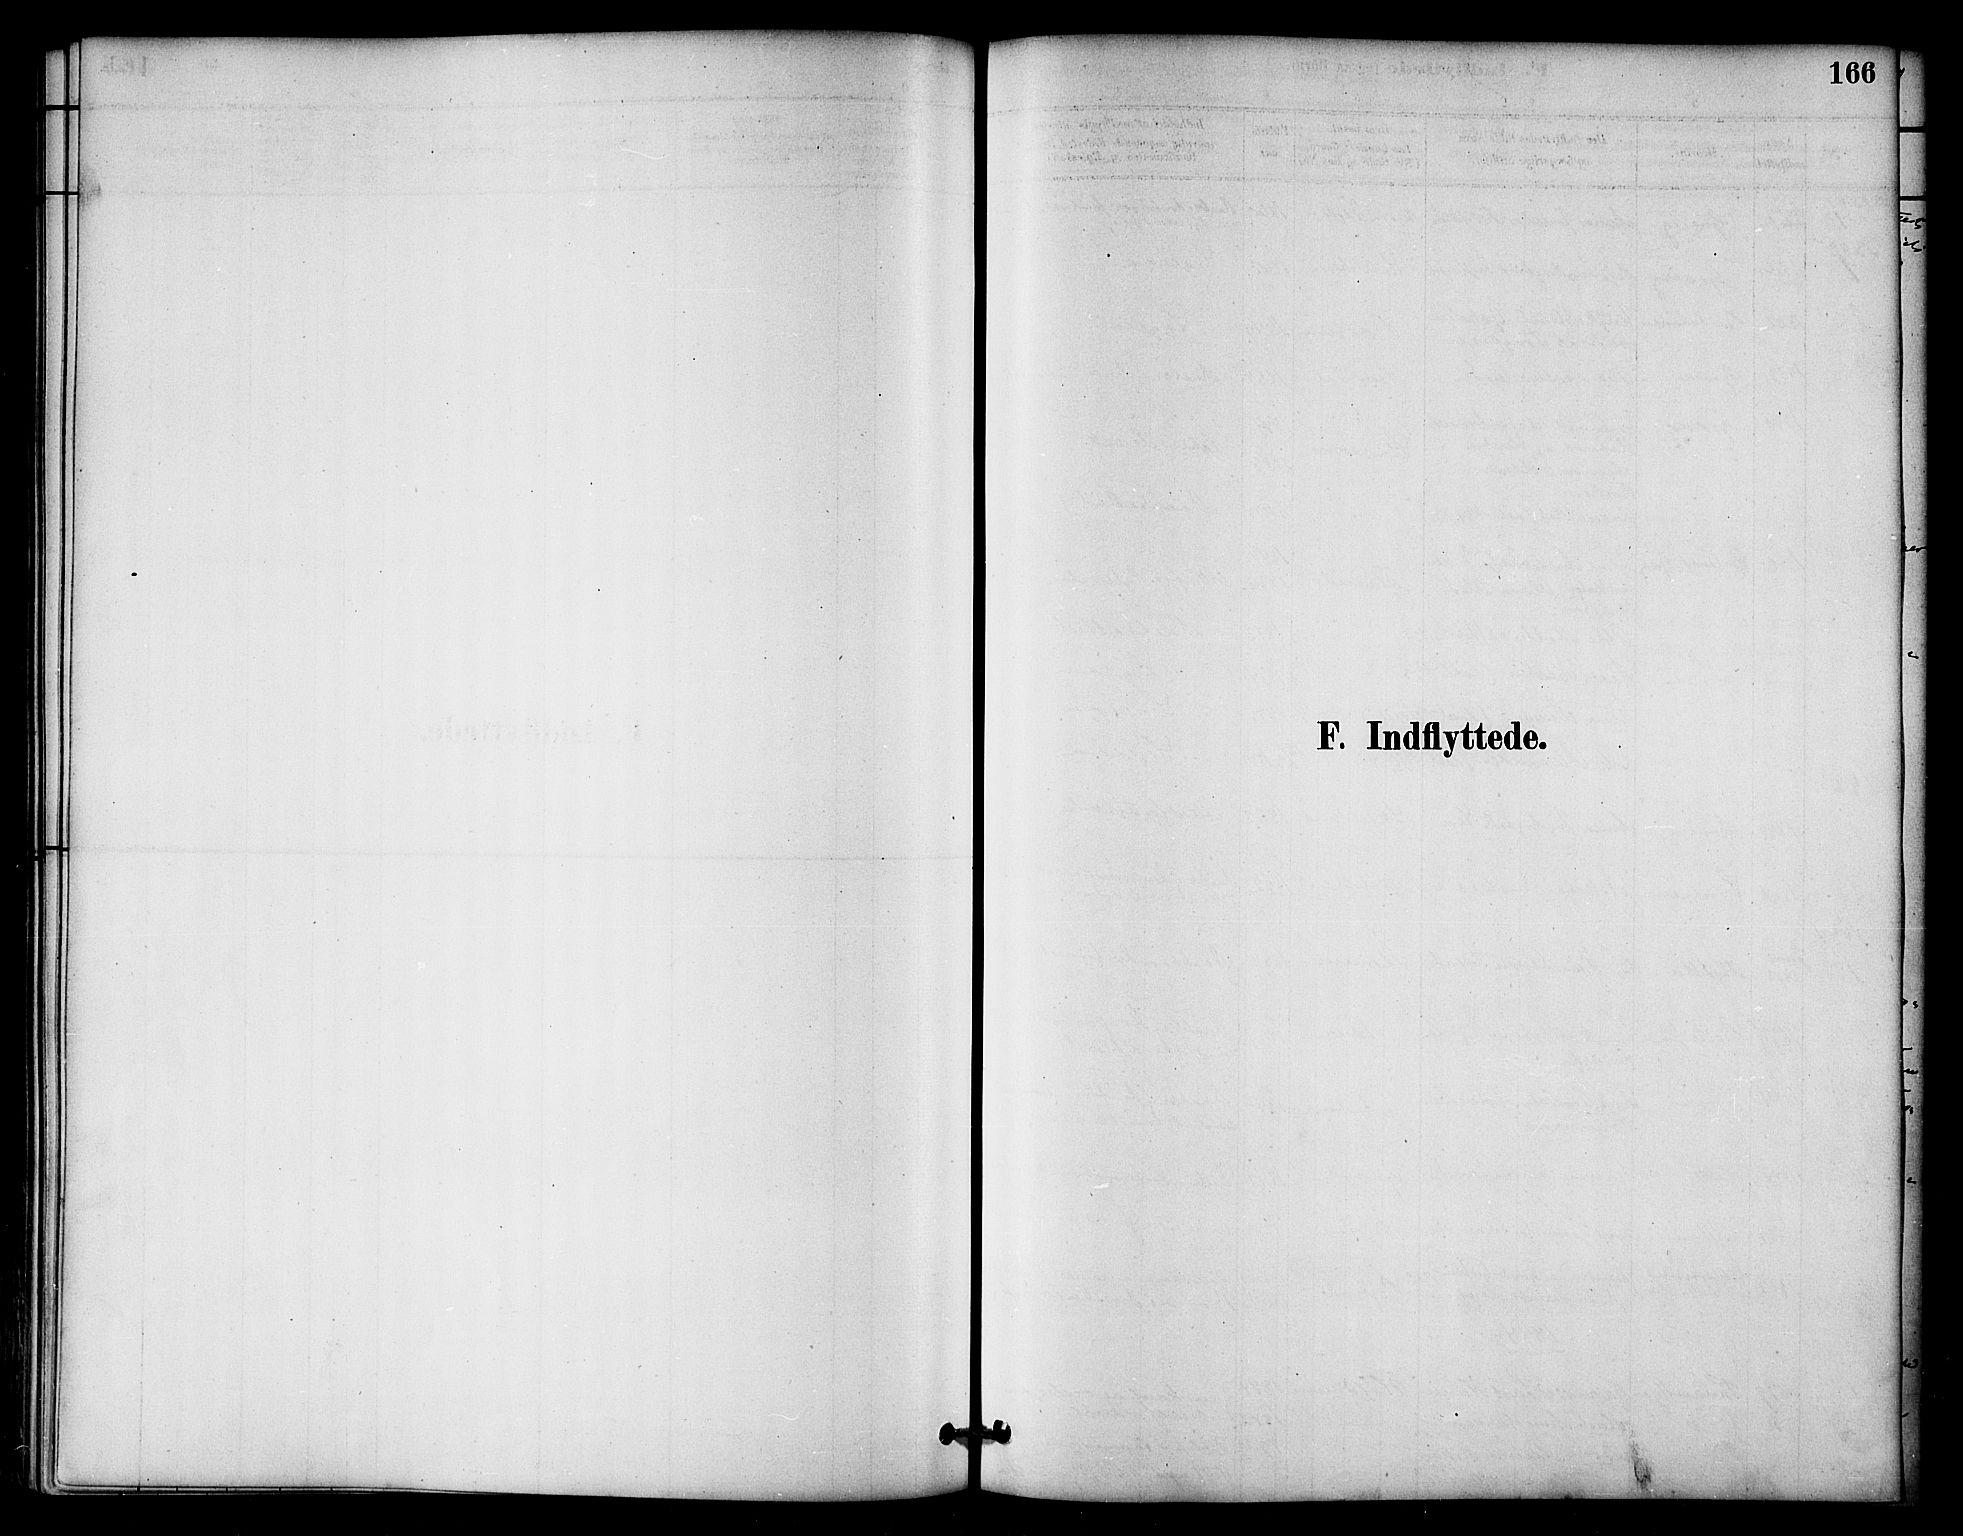 SAT, Ministerialprotokoller, klokkerbøker og fødselsregistre - Nord-Trøndelag, 764/L0555: Ministerialbok nr. 764A10, 1881-1896, s. 166